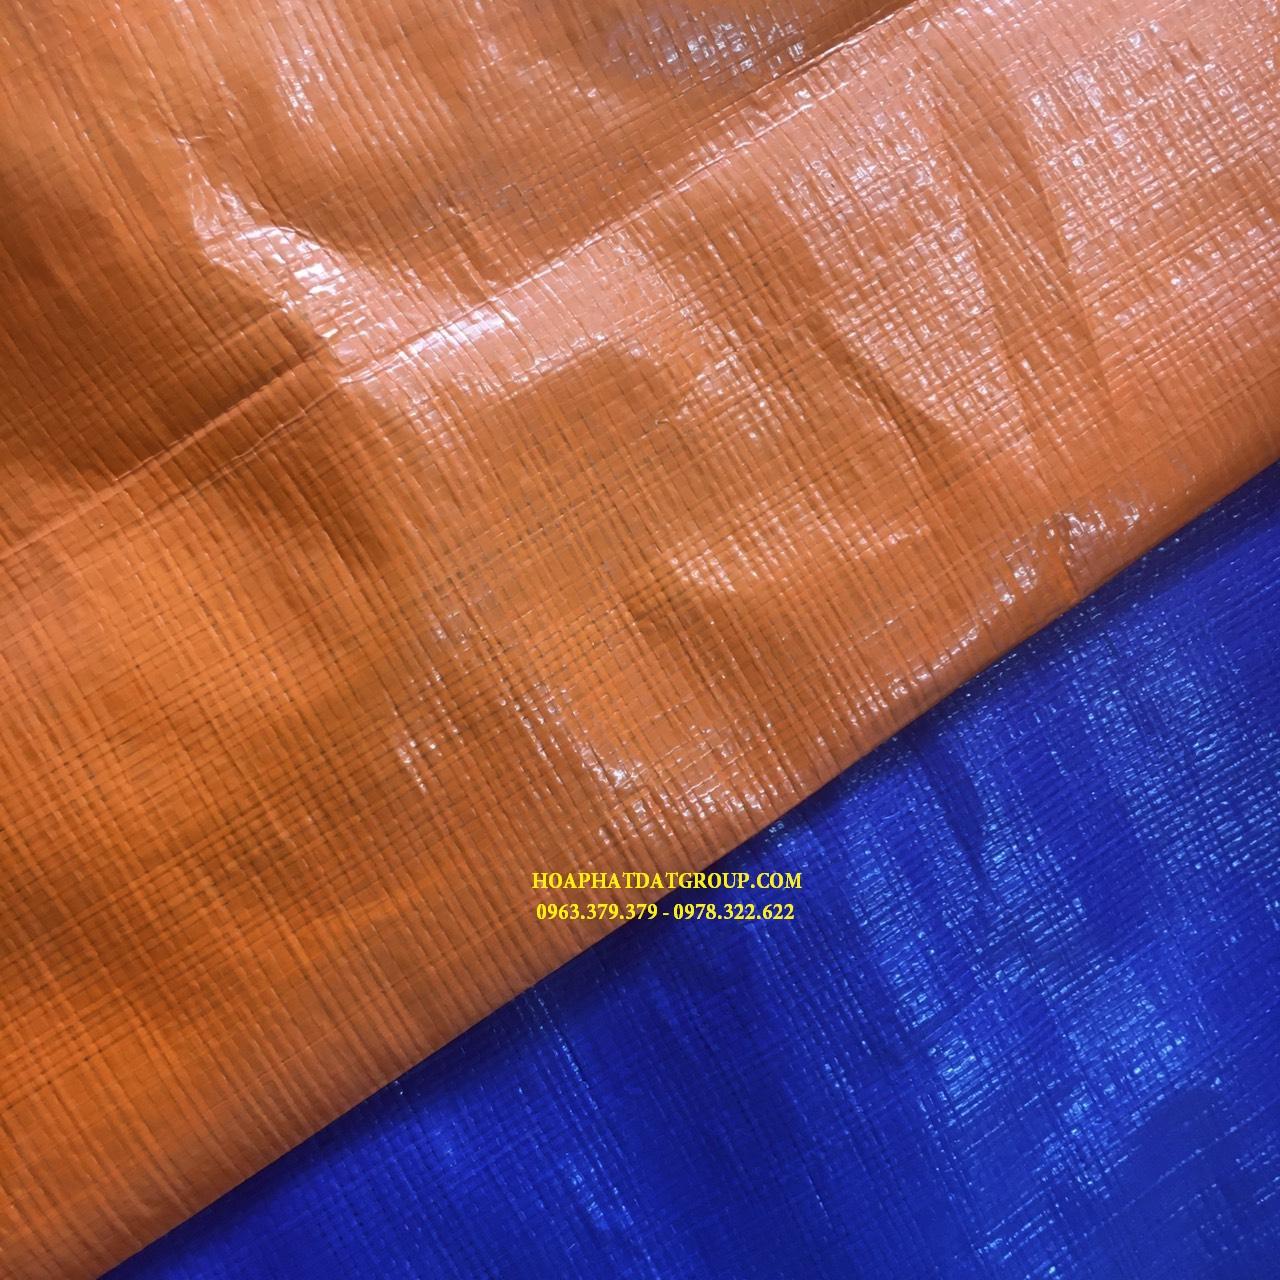 Báo giá vải bạt giá rẻ, bạt sọc, bạt dứa, bạt xanh cam các khổ lớn nhỏ tạiHuyện Bắc Tân Uyên